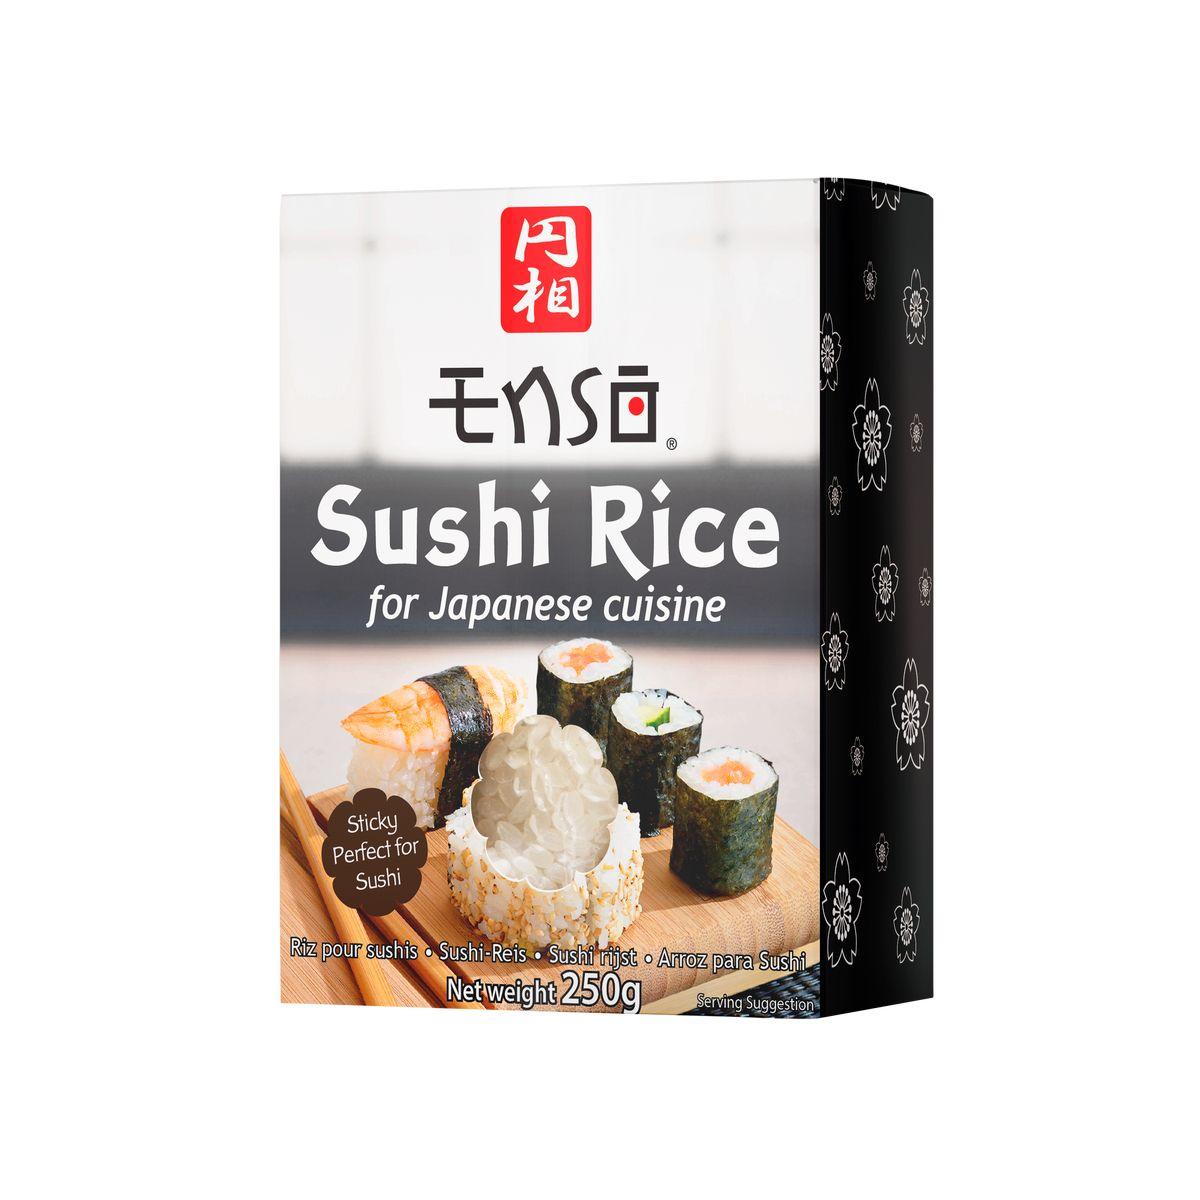 Riz sushi - Enso